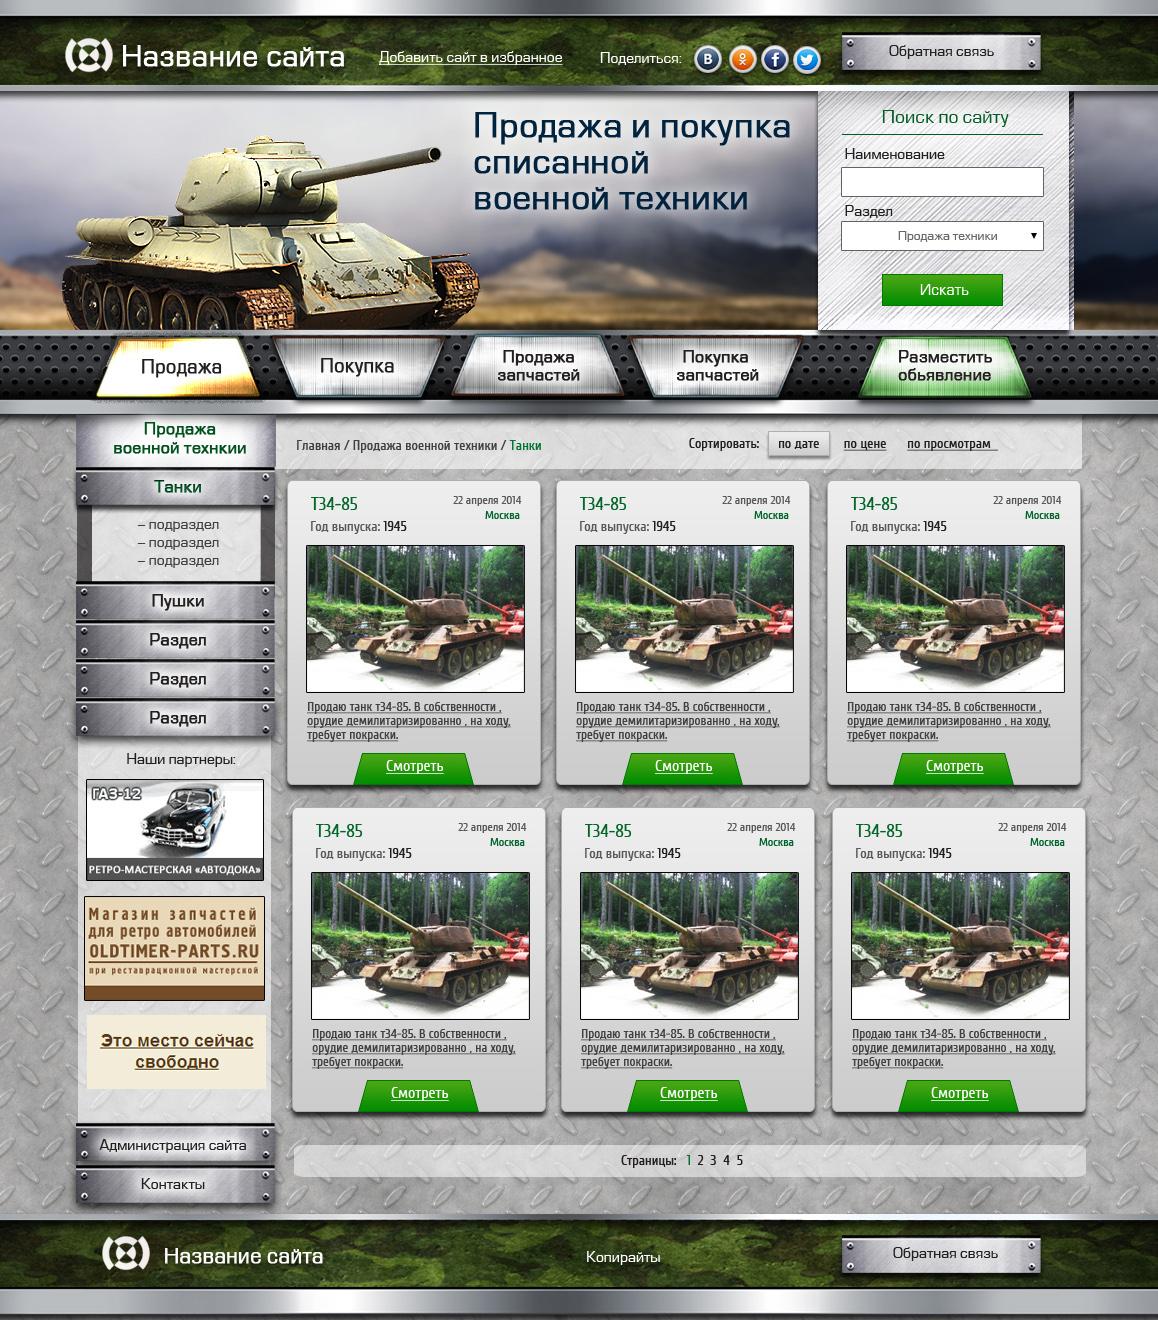 Дизайн сайта военной техники